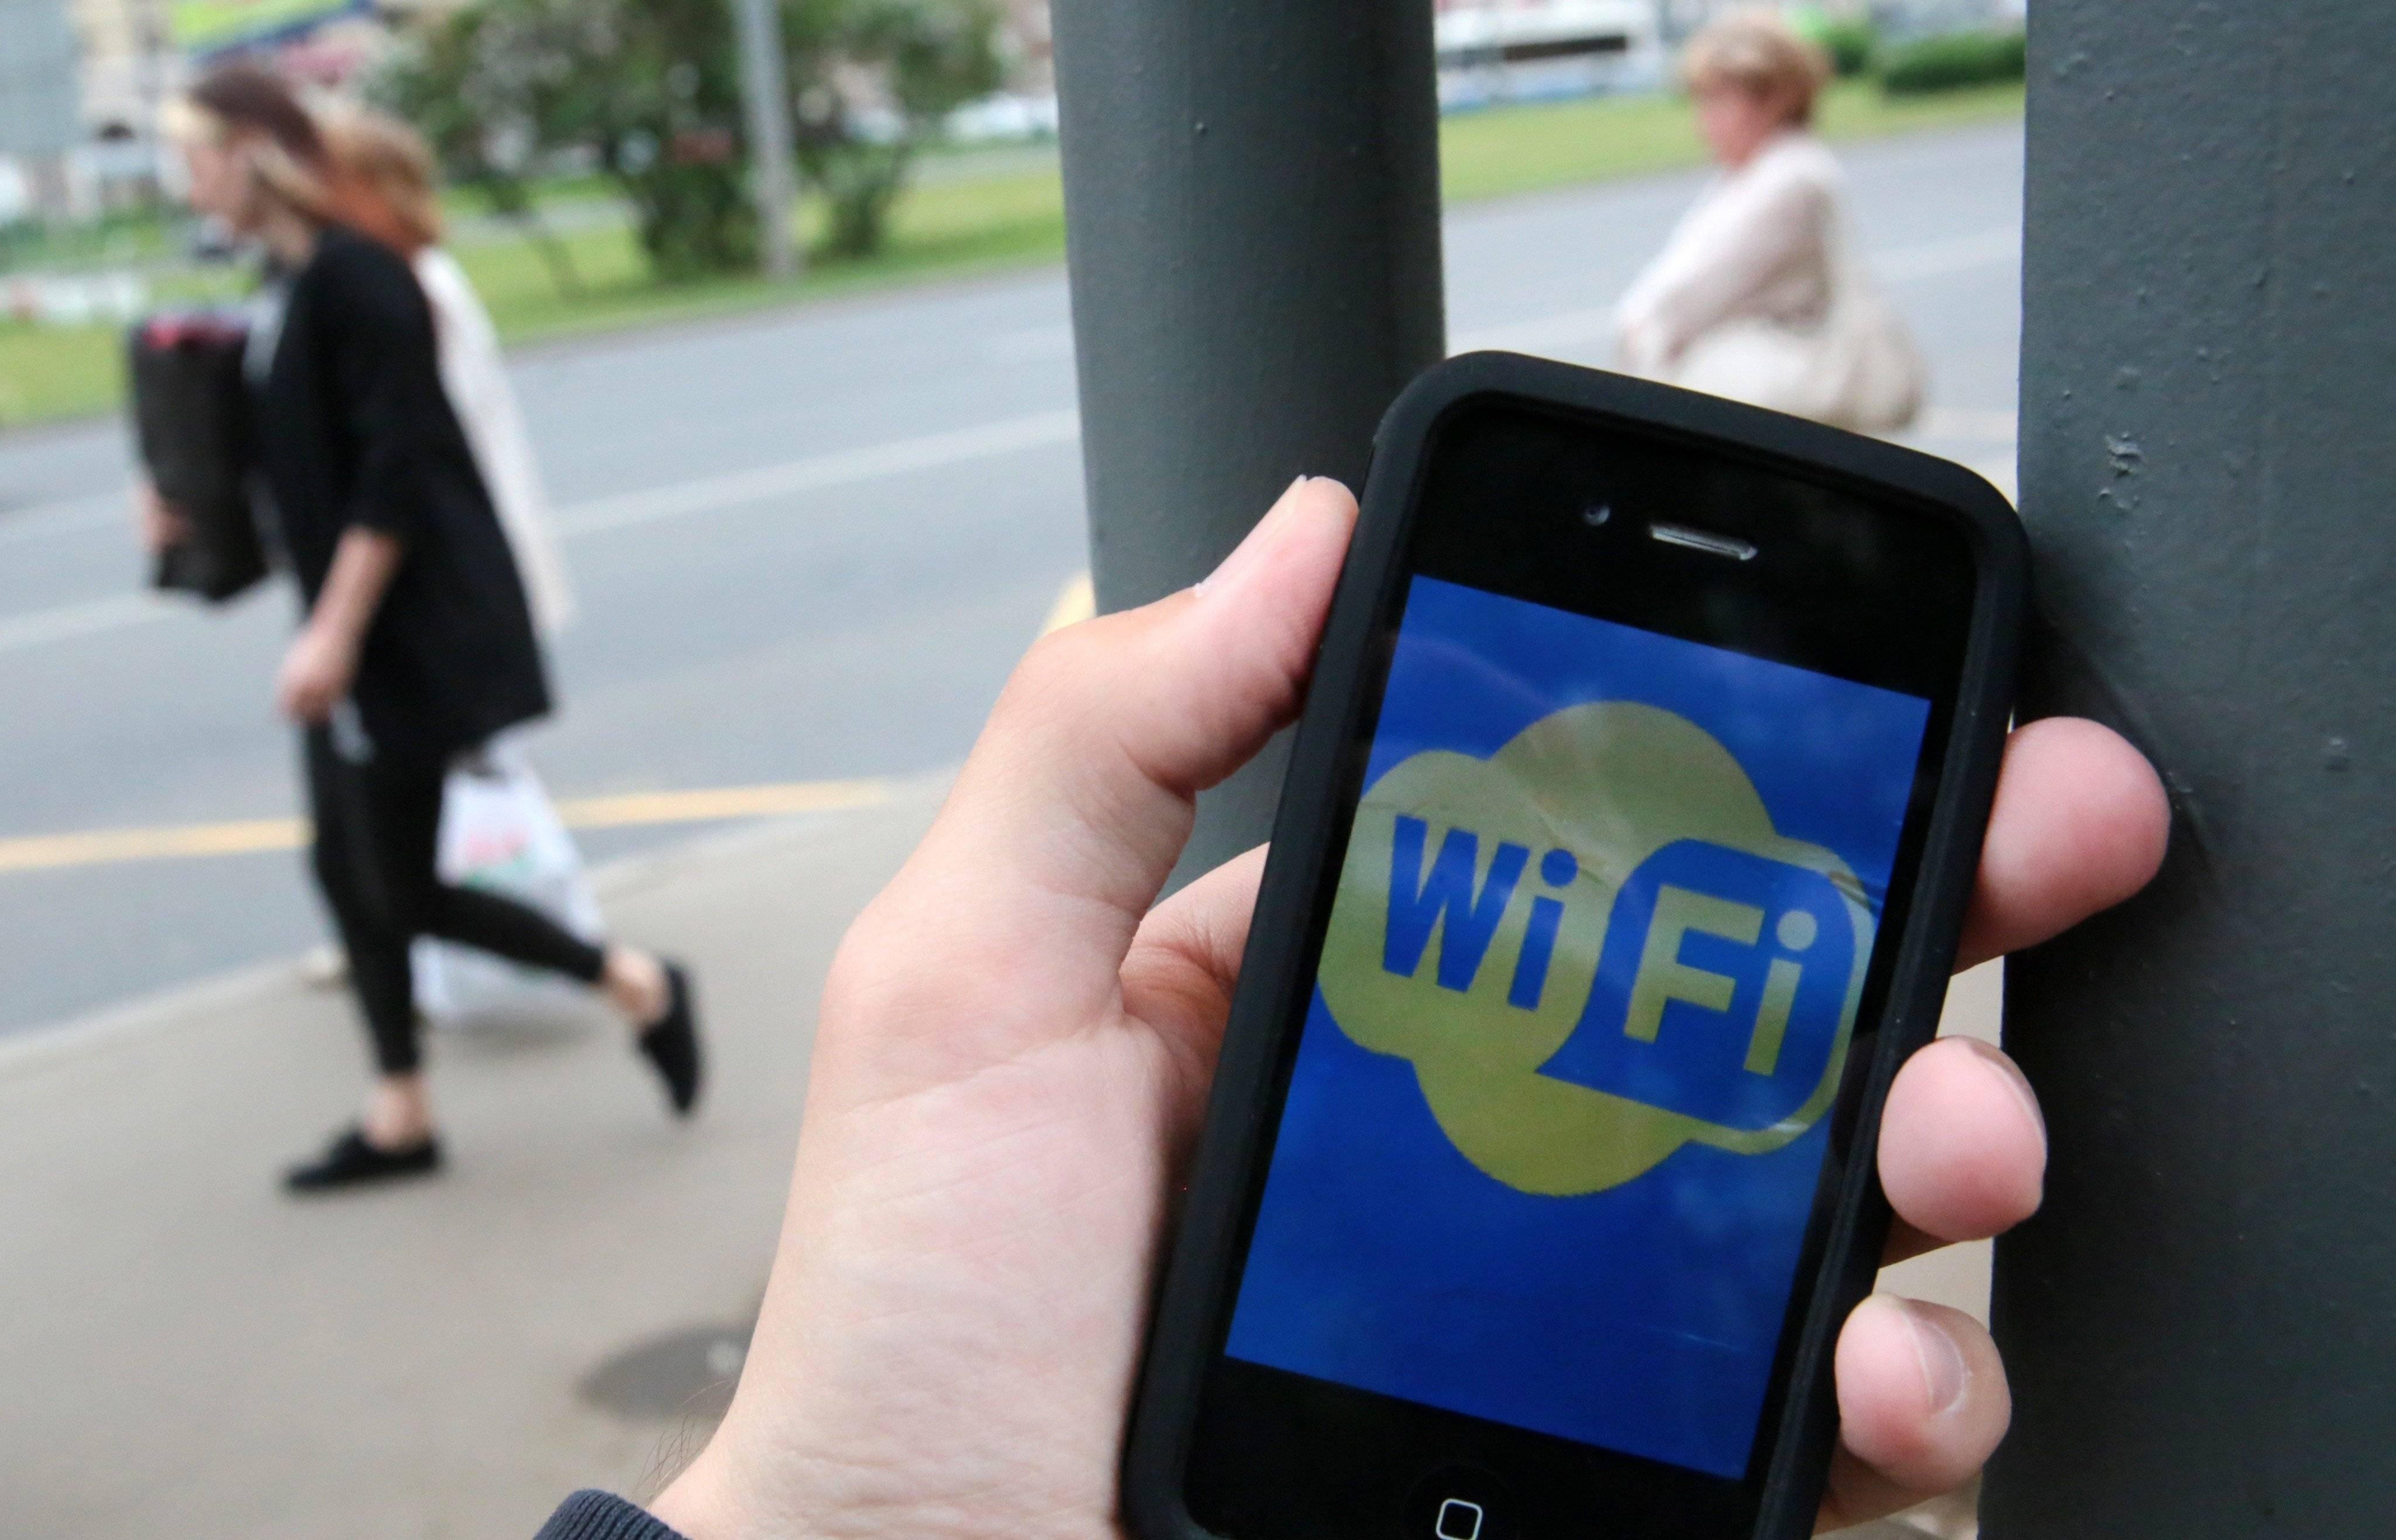 В центре столицы насчитали 300 точек доступа к бесплатному Wi-Fi